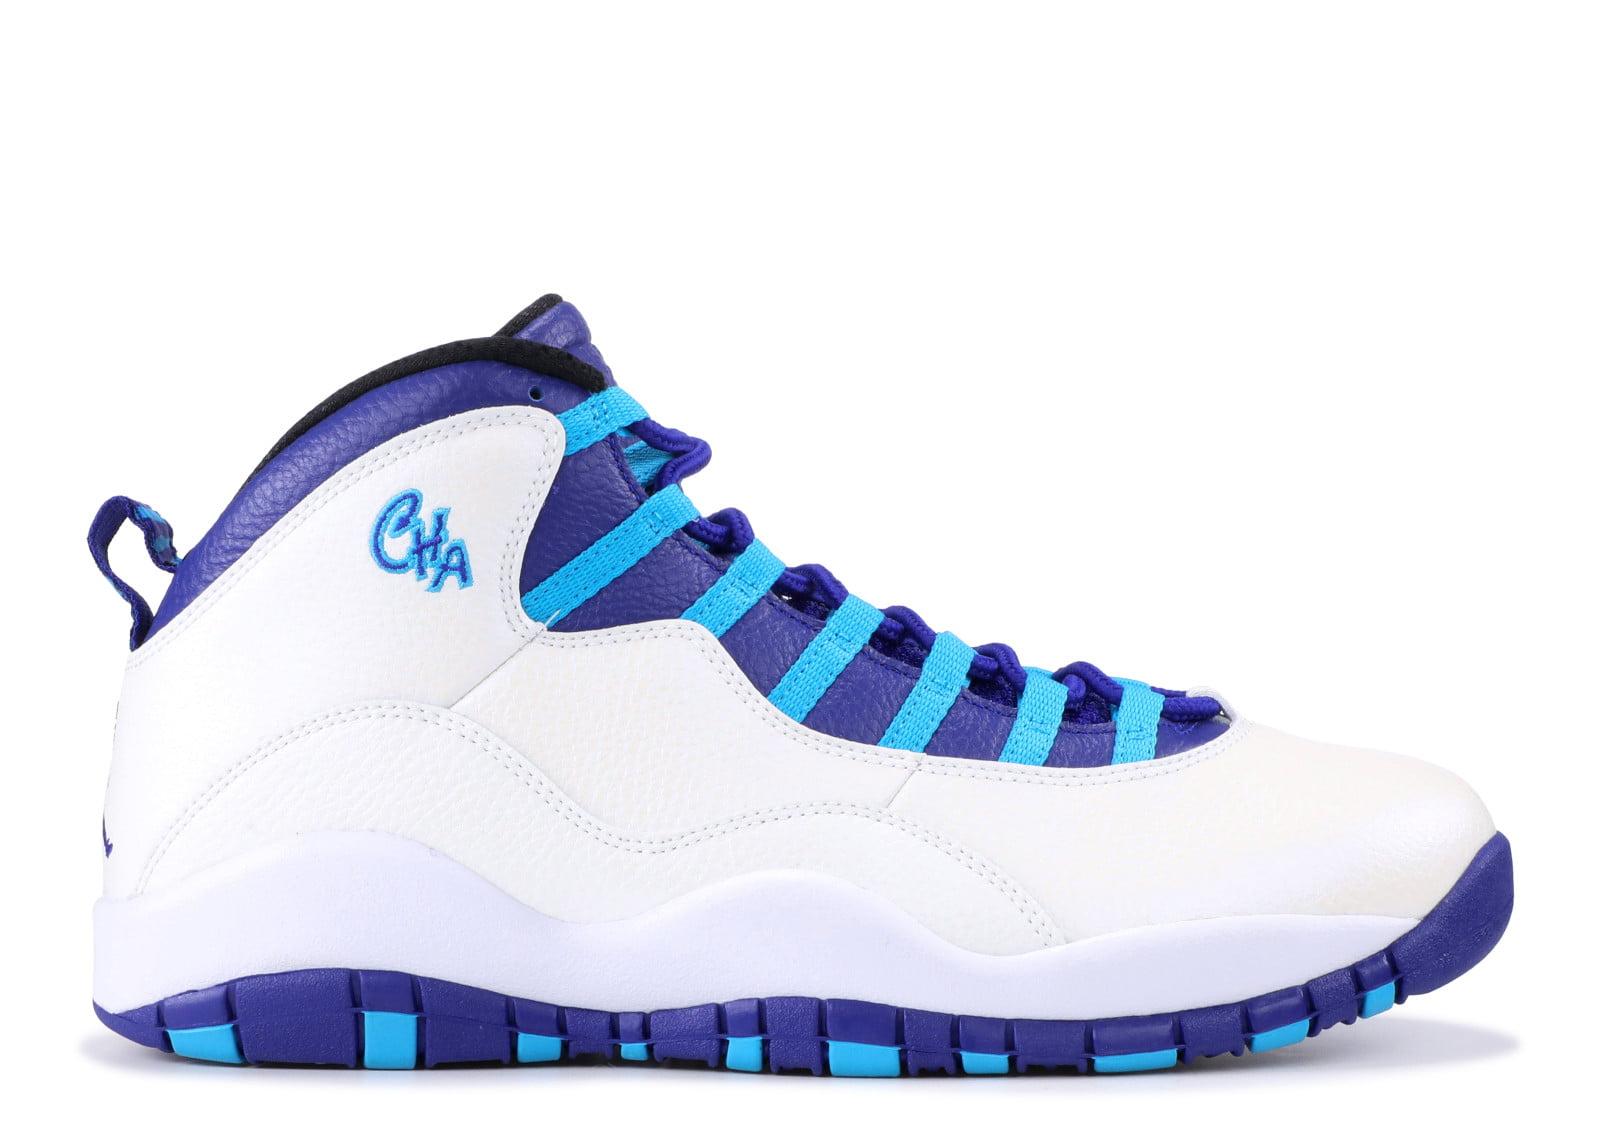 a1ec0d3c41d0d2 Air Jordan - Men - Air Jordan 10 Retro  Charlotte  - 310805-107 - Size 11.5